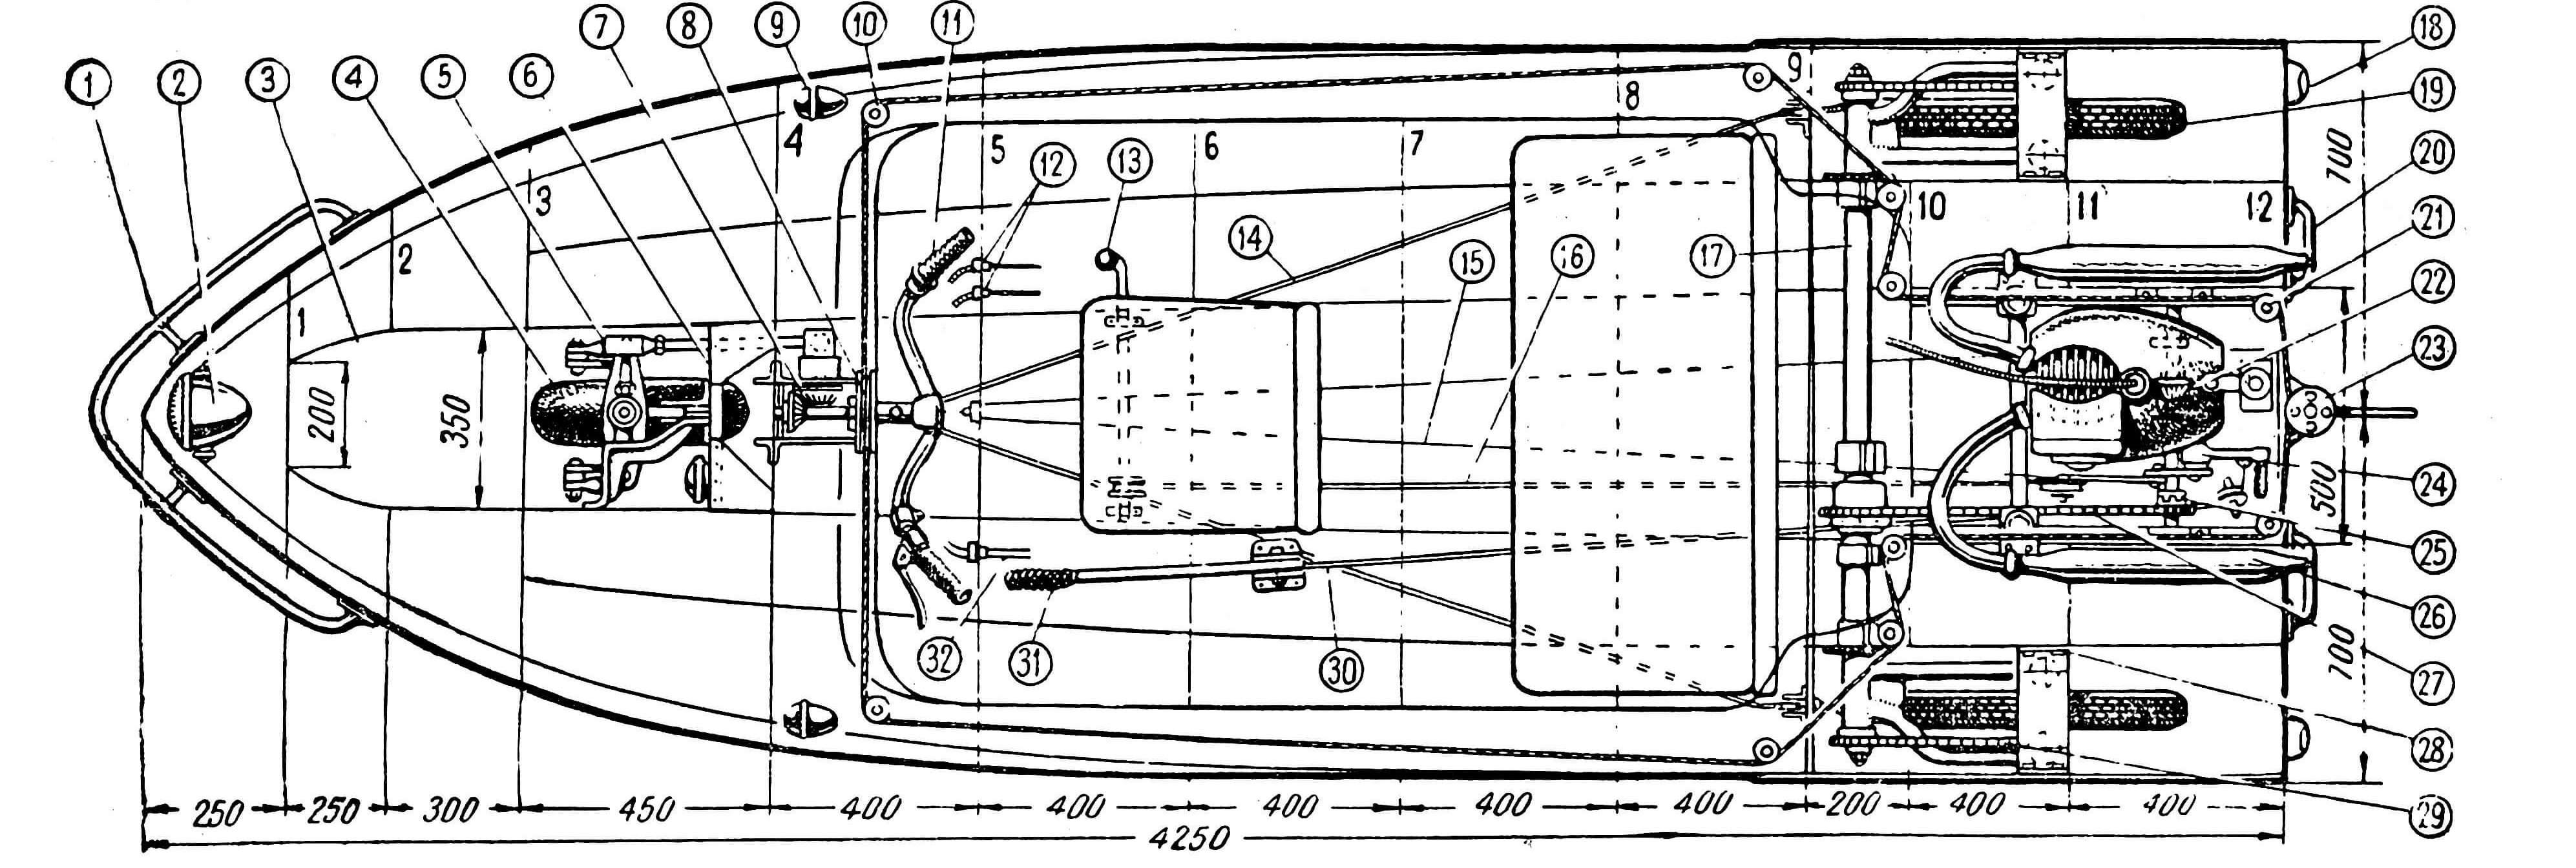 1 — предохранительная дуга; 2 — фара; 3 — люк носового колеса; 4 — носовое колесо; 5 — руле¬вая тяга; 6 — силовая рама подвески переднего колеса; 7 — шестерни рулевого механизма; 8 — барабан штуртроса; 9 — ходовой огонь (спра¬ва — зеленый, слева — красный); 10 — шкив штуртроса; 11 — ручка управления газом; 12 — штуцеры тросов управления сцеплением и га¬зом; 13 — рычаг переключения передач; 14 — тормозной трос; 15 — донный тоннель; 16 — тя¬га переключателя передачи; 17 — задний мост с маятниковыми вилками; 13 — задний габарит¬ный фонарь; 19 — ведущее колесо; 20 — ручка; 21 — ролик штуртроса; 22 — коробка шестерен привода гребного винта; 23 — шкив руля; 24 — кик-стартер; 25 — муфта включения передачи на колеса; 26 — глушитель; 27 — промежуточная цепь; 28 — кронштейн крепления подвески; 29 — ведущая цепь; 30 — трос запуска двигателя; 31 — пусковой рычаг; 32 — гибкий валик спидометра.